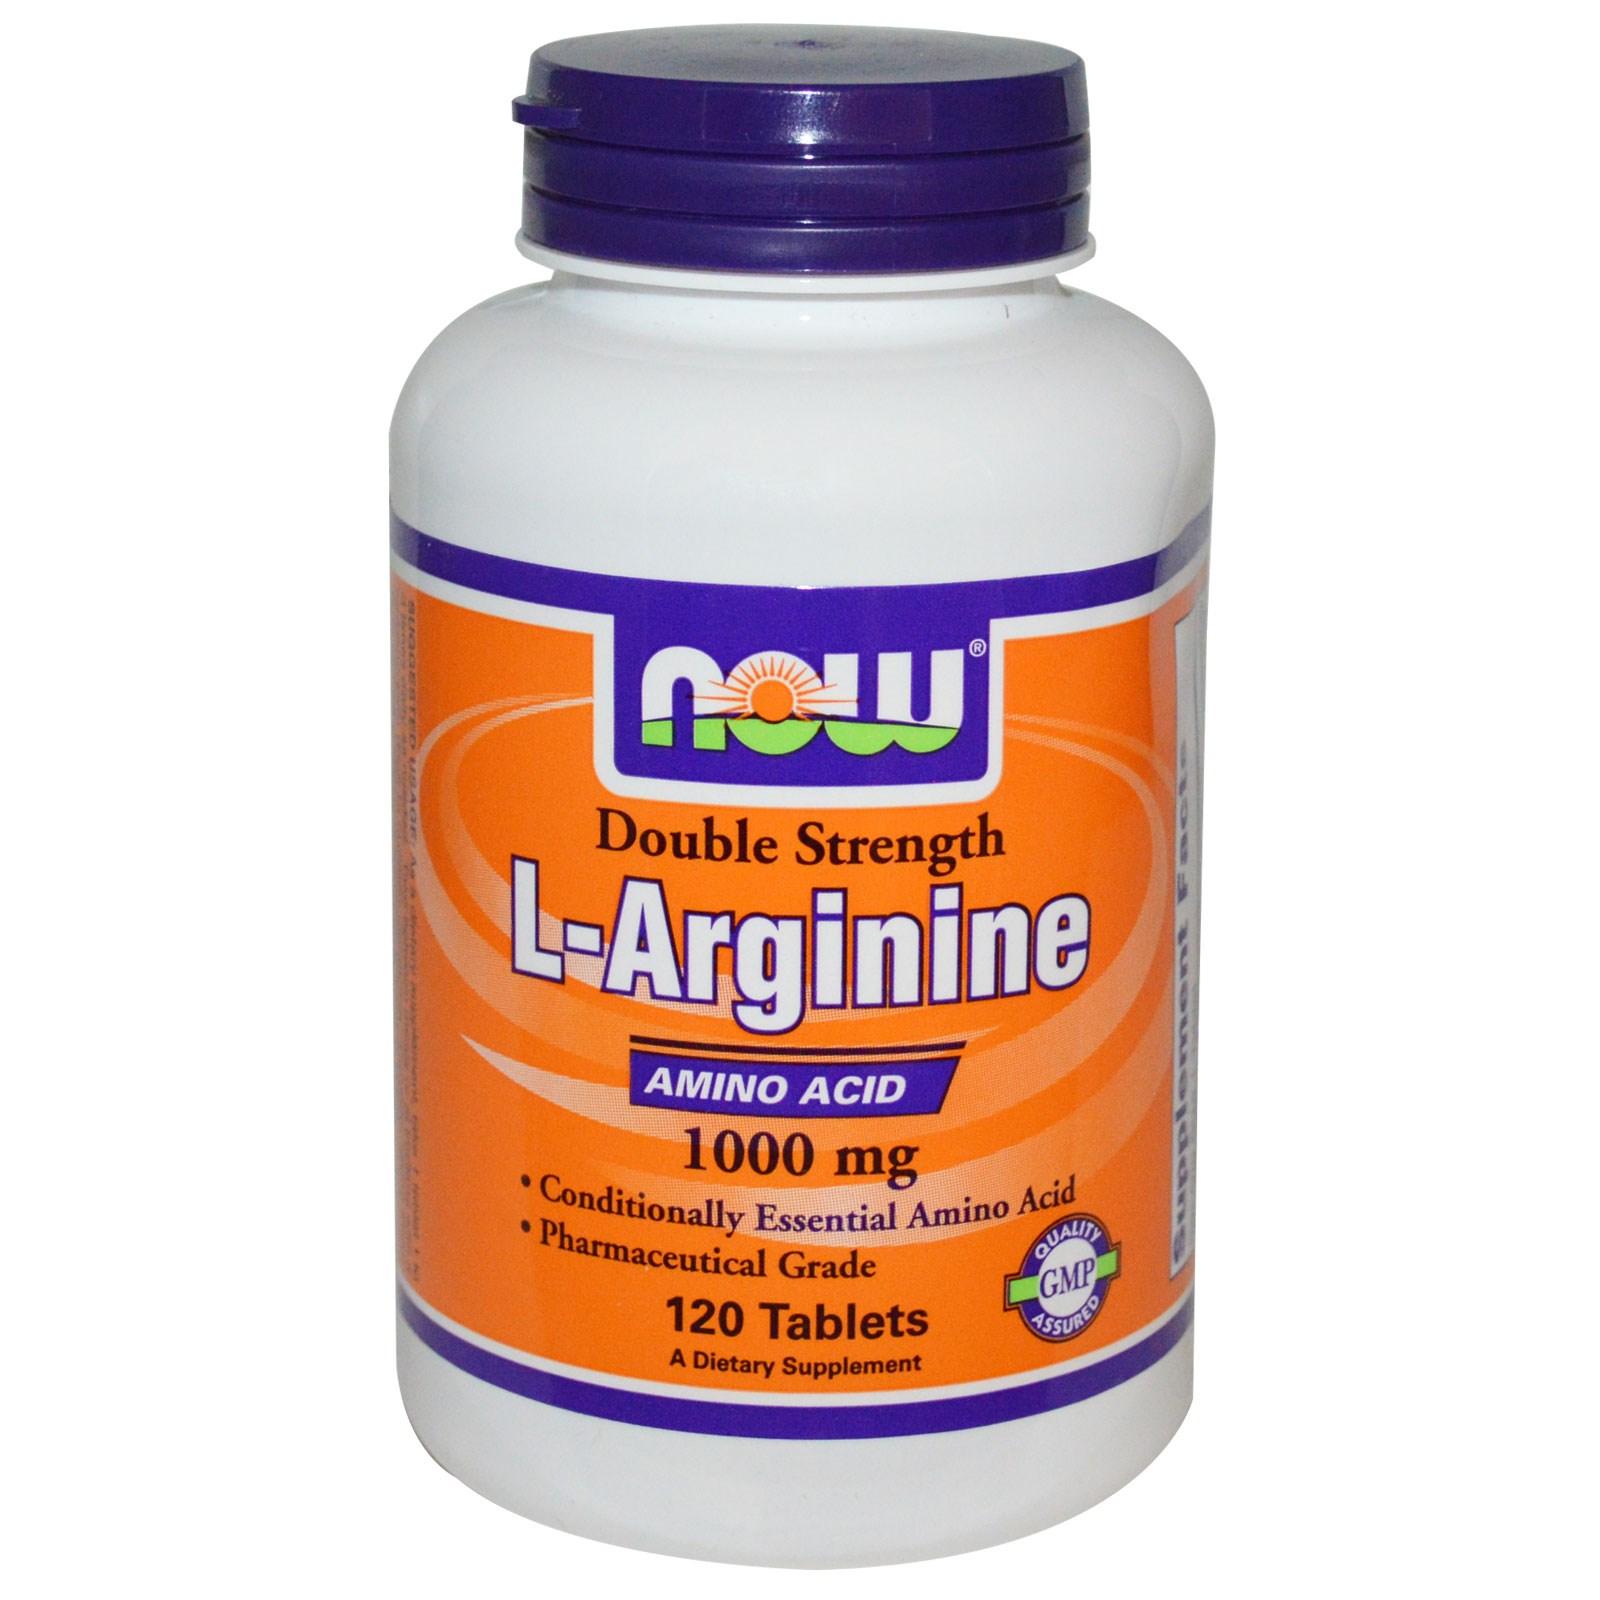 Image of L-Arginine 1000 mg (120 Tablets) - Now Foods 0733739000354